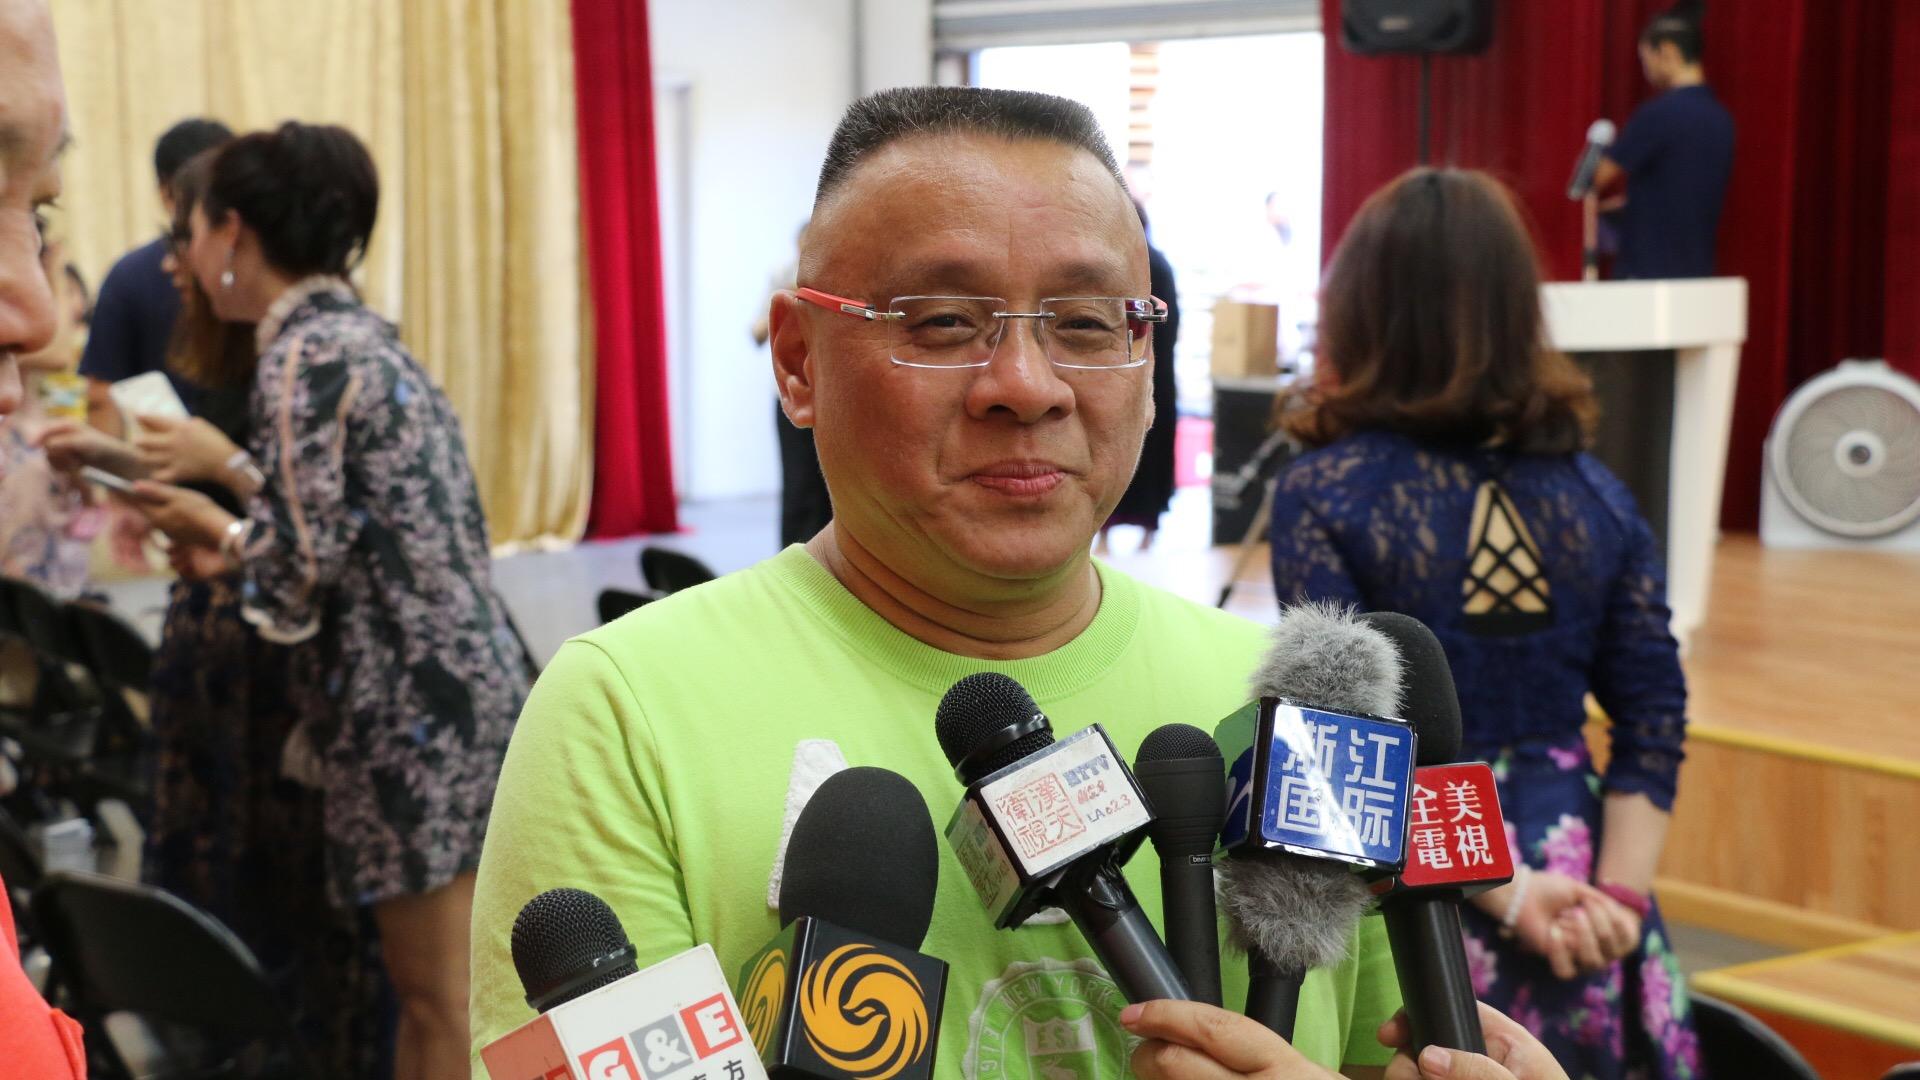 2018梅拉诺国际音乐大赛组织委员会主席、美中华人音乐家协会创会会长,梅拉诺文化演艺公司总裁李愔